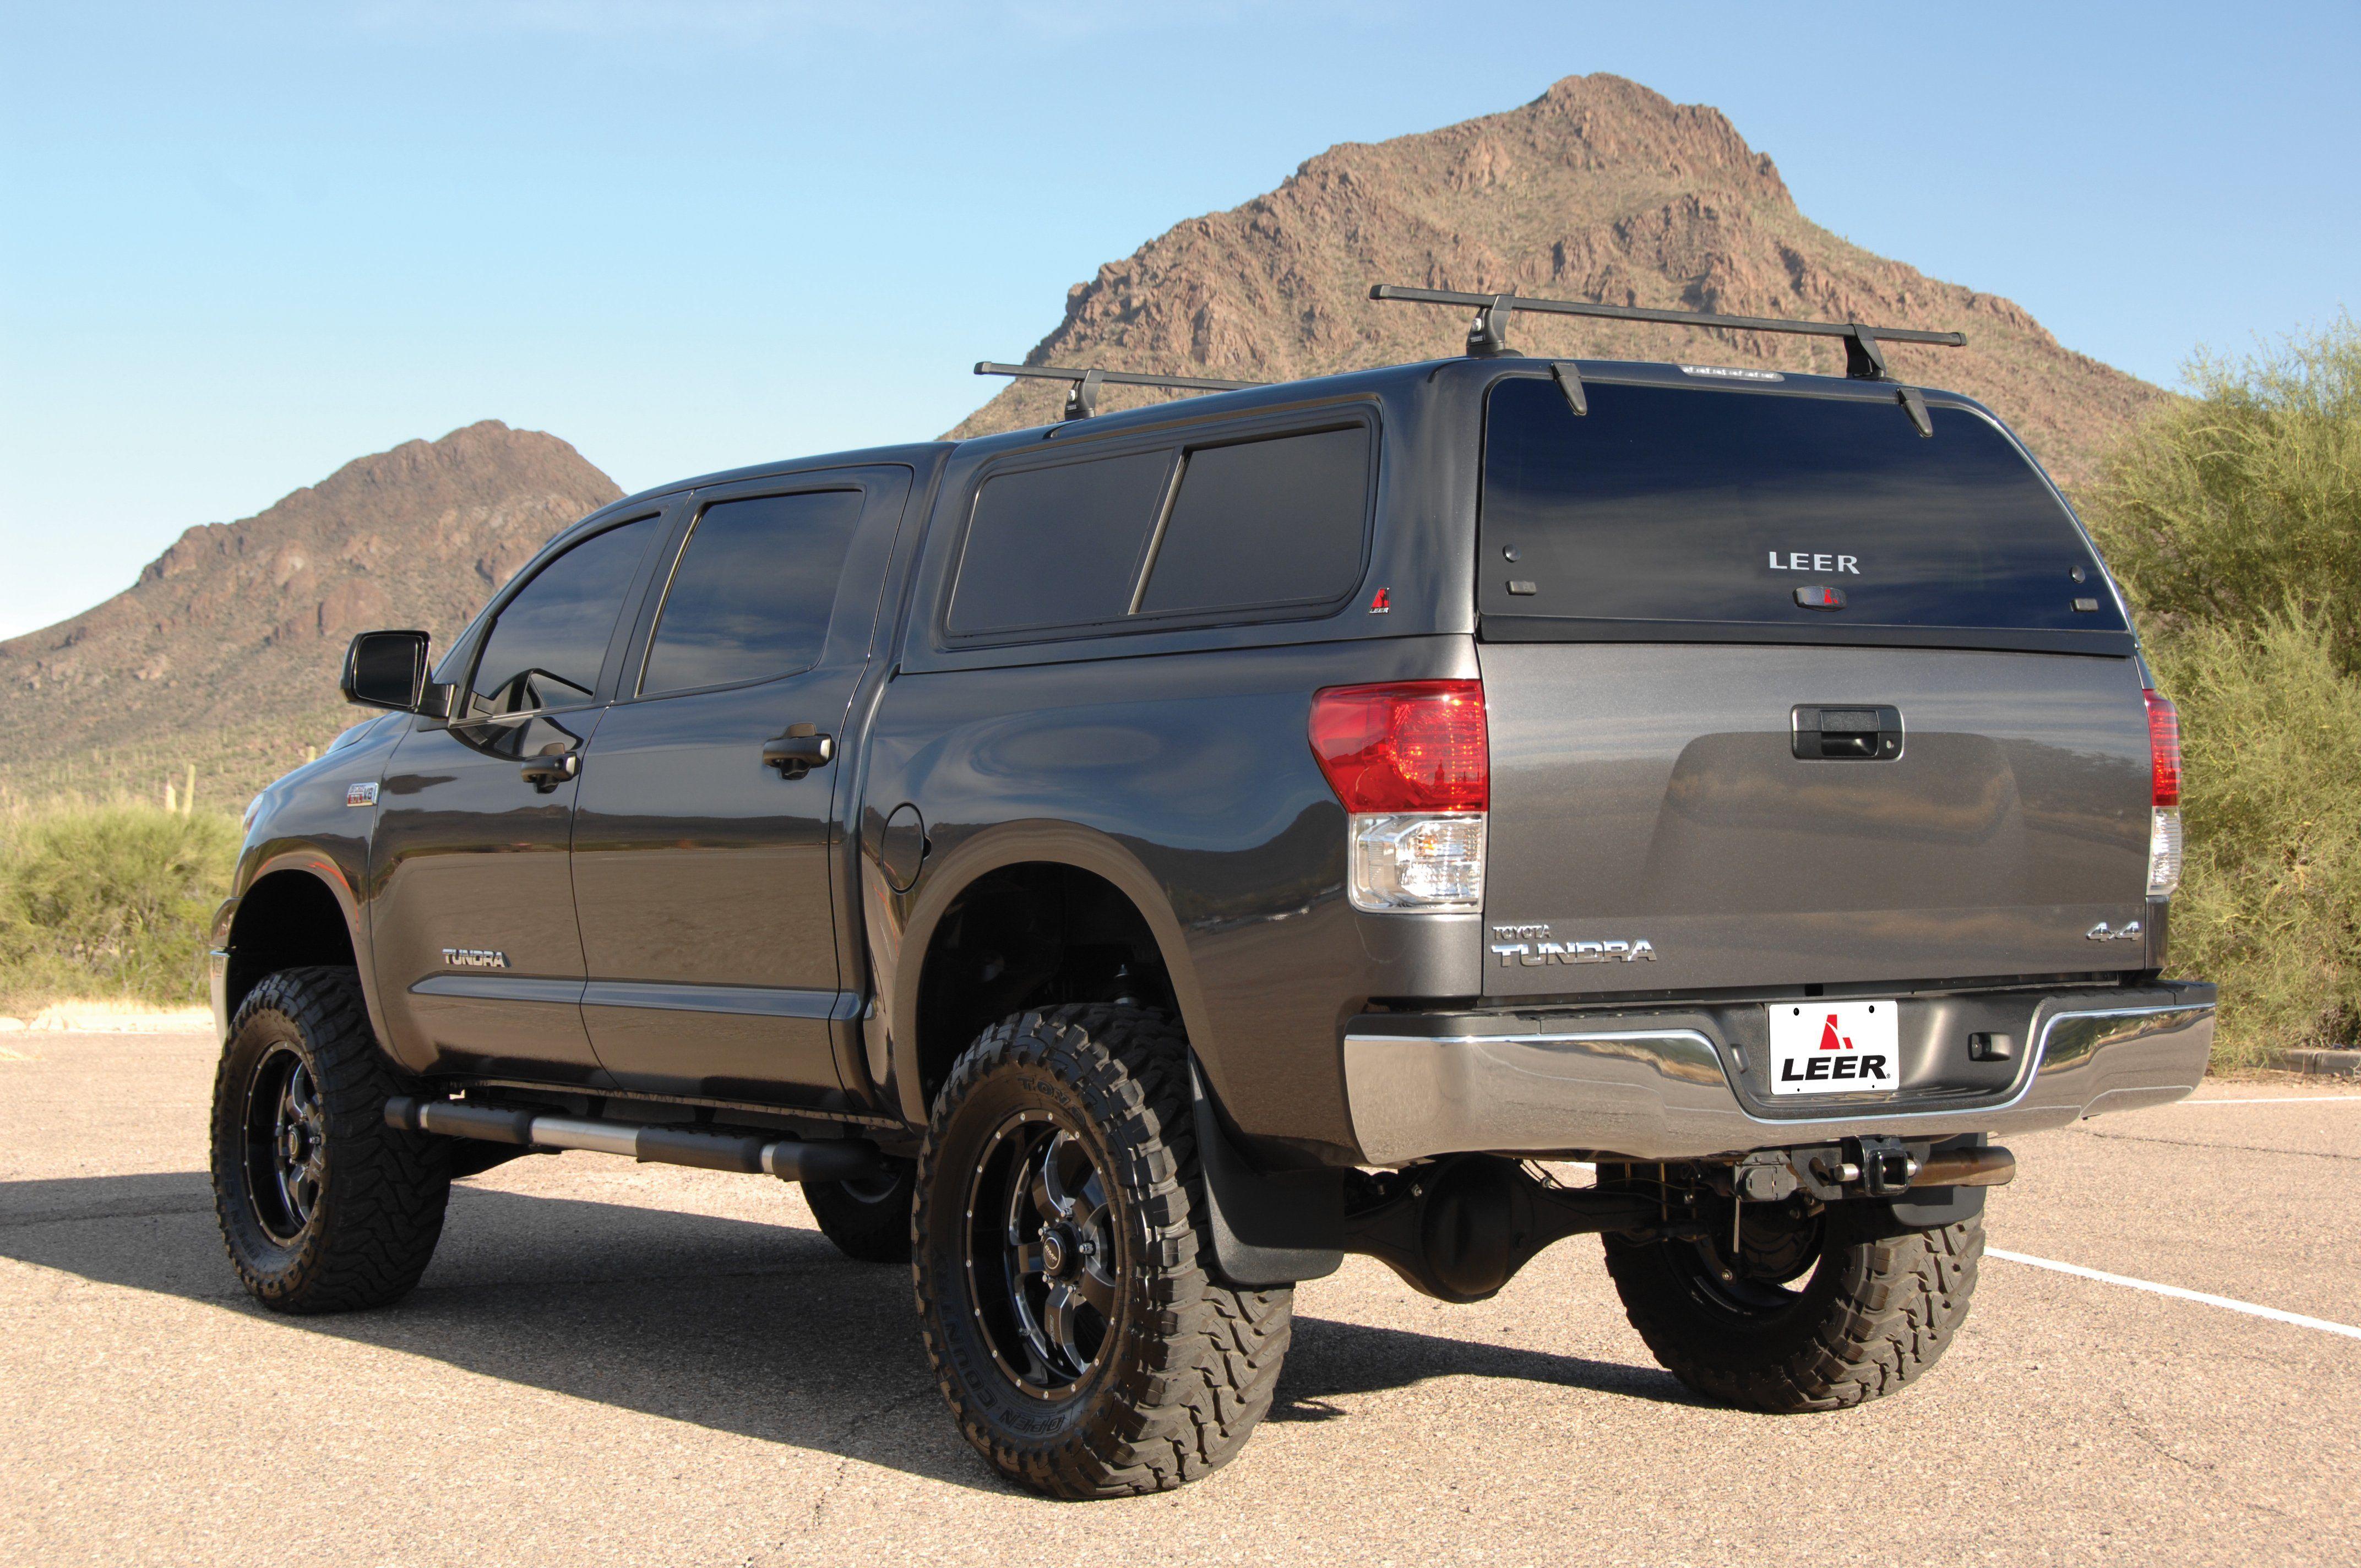 Leer 100xr Camper Shells Camper Shells Tundra Crewmax Toyota